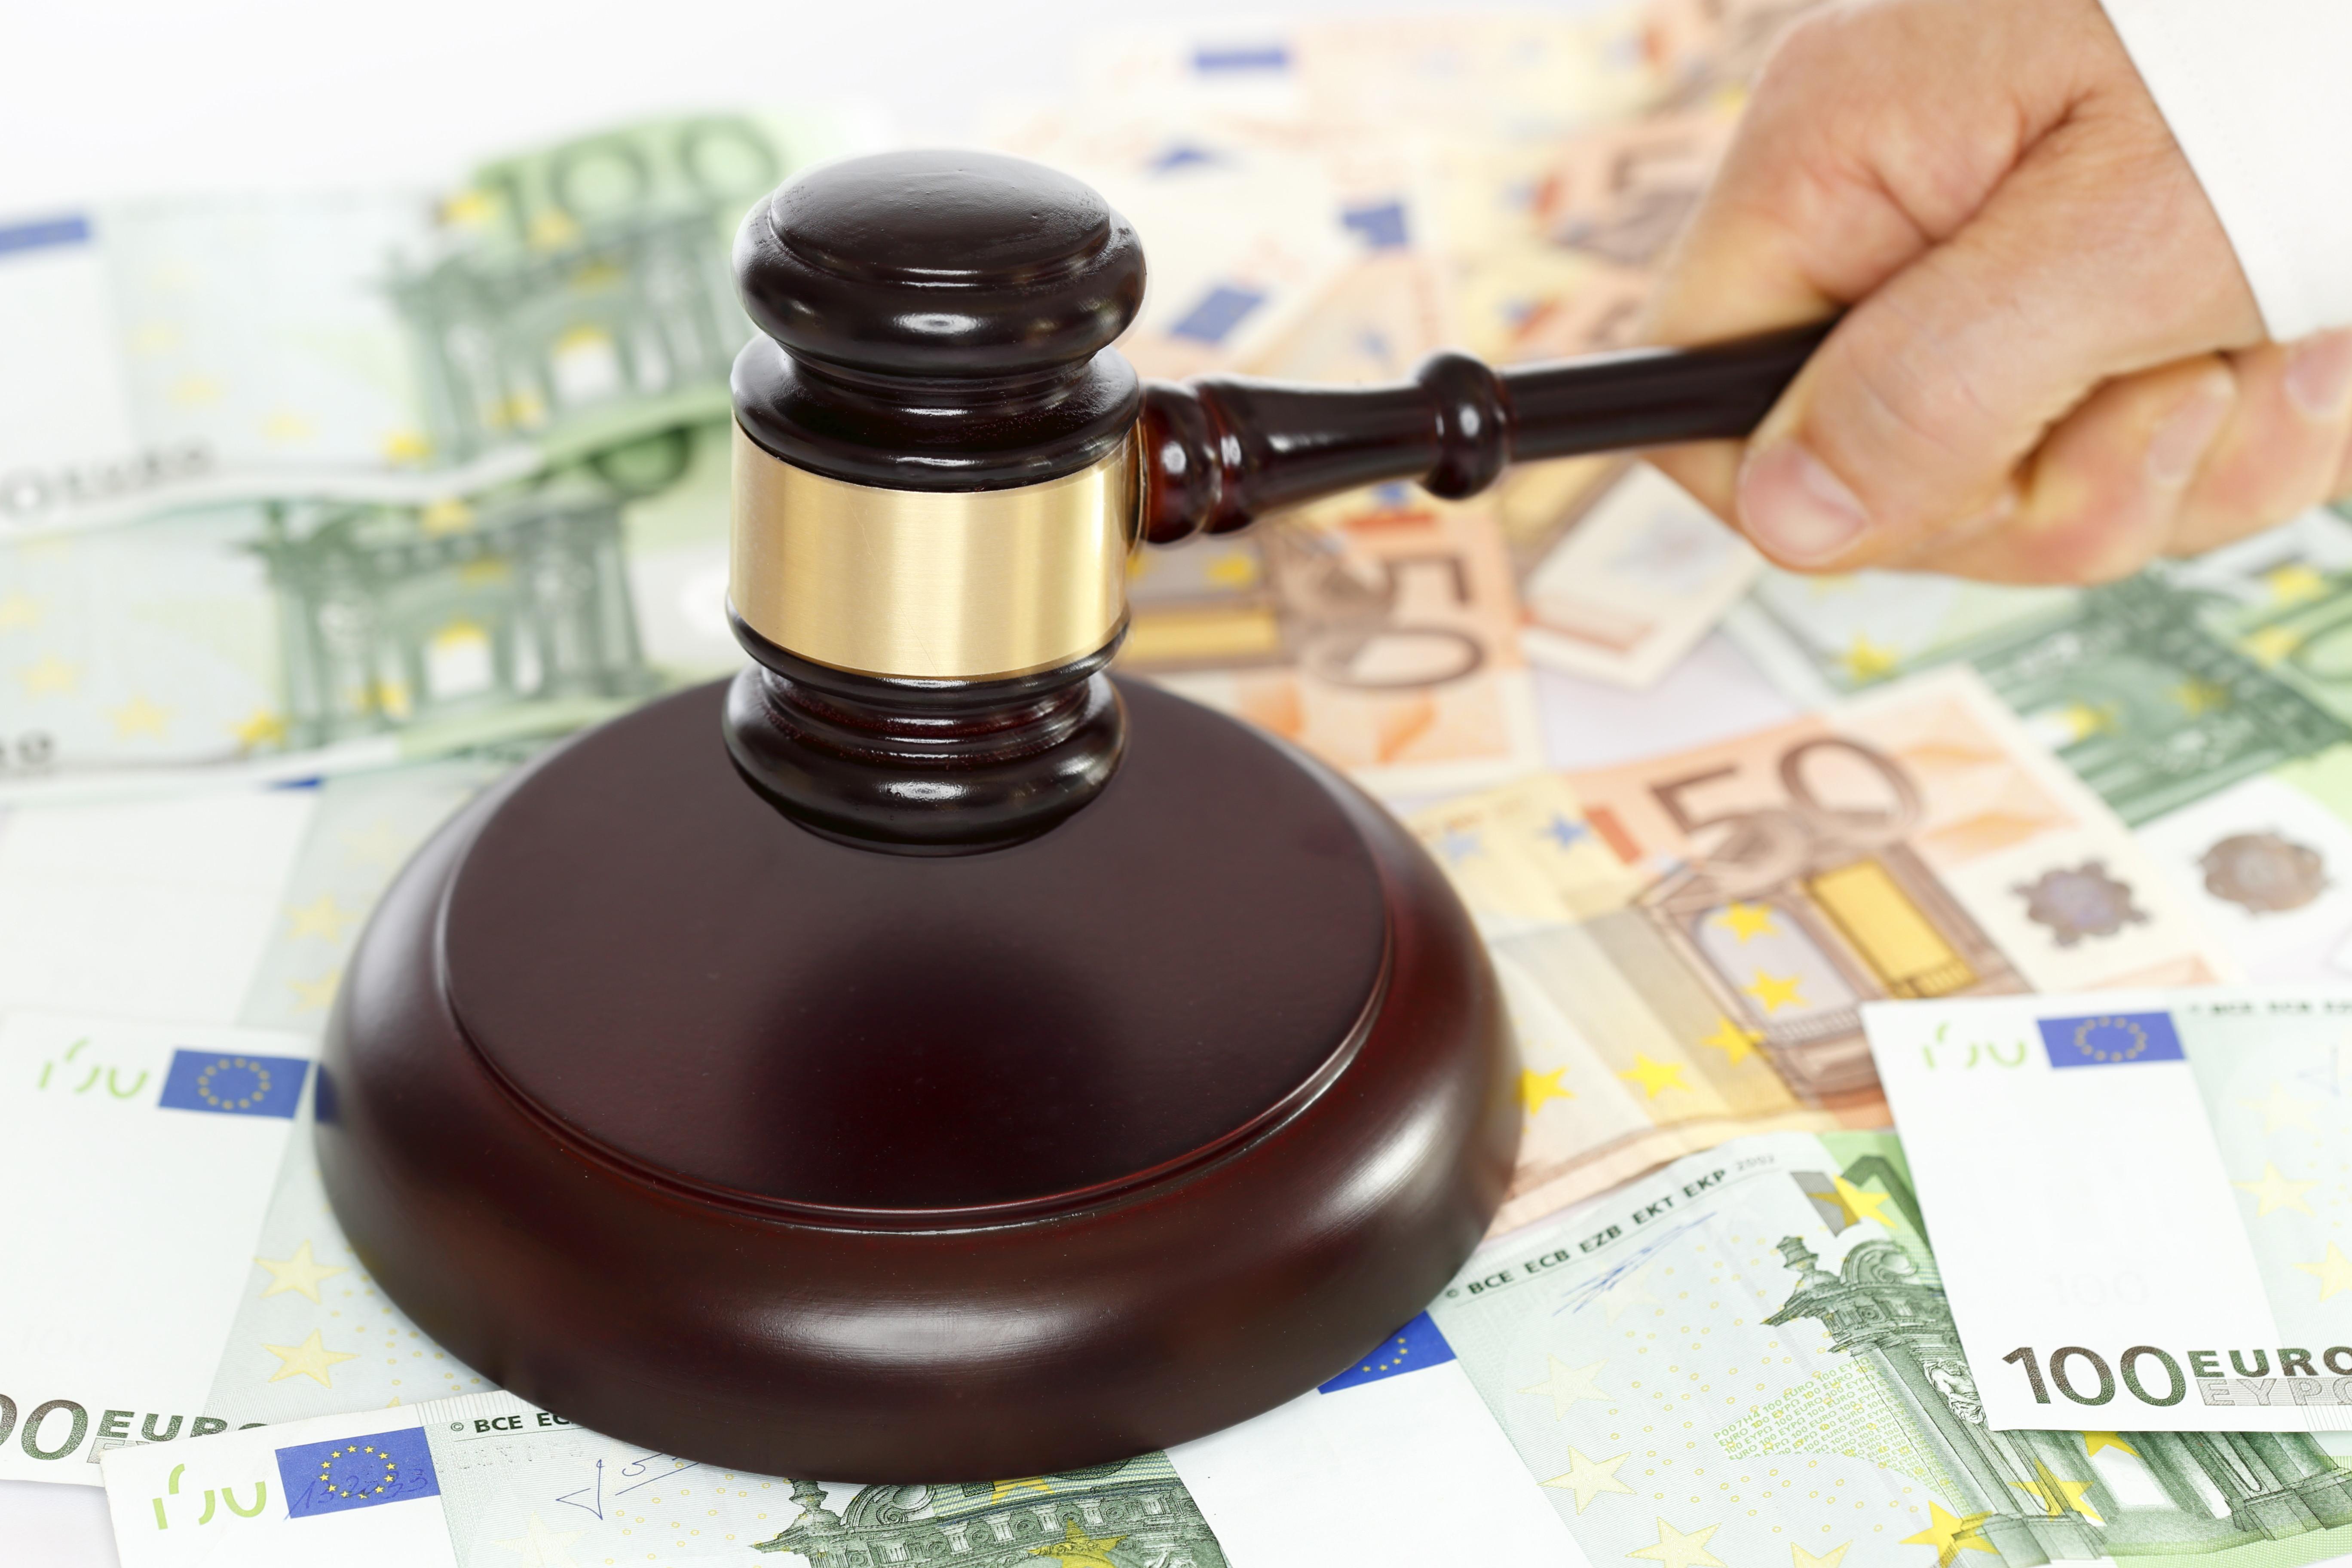 La sentenza n. 42567 della Corte di cassazione